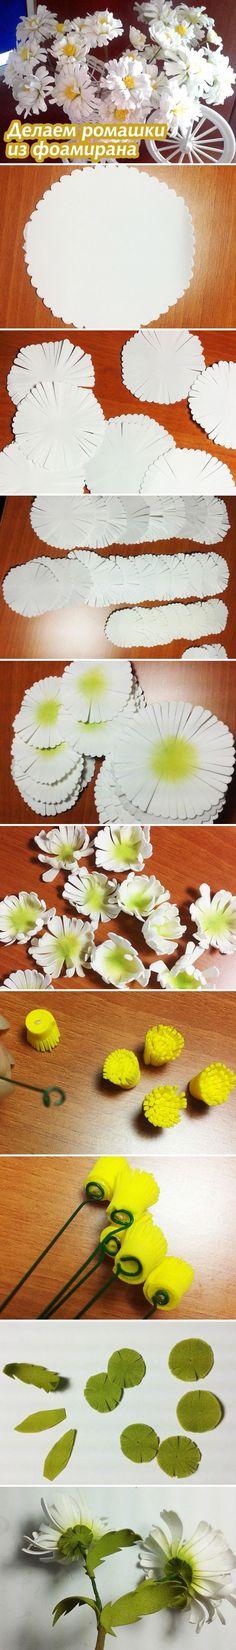 Lili putih kecil